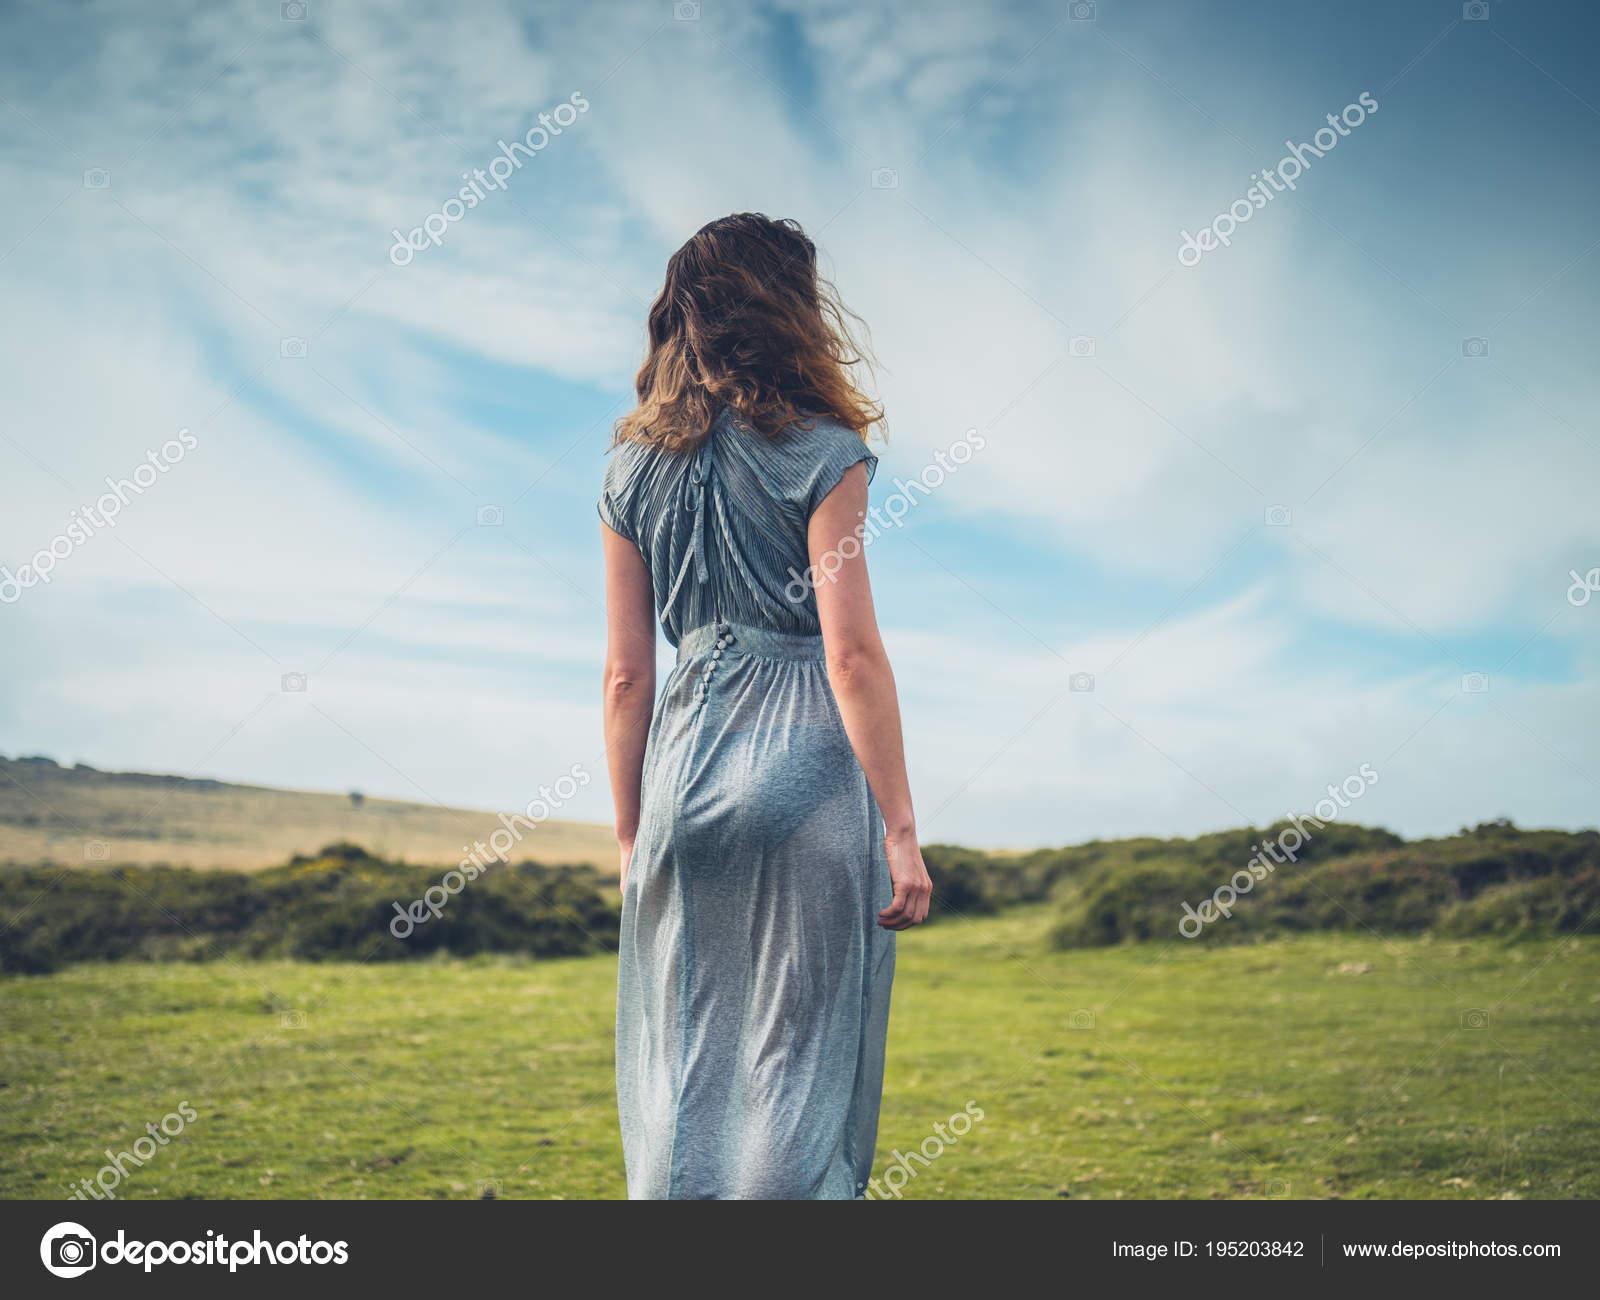 El Vestido En Hermosa Páramo Joven Mujer xCqBwtwS7I